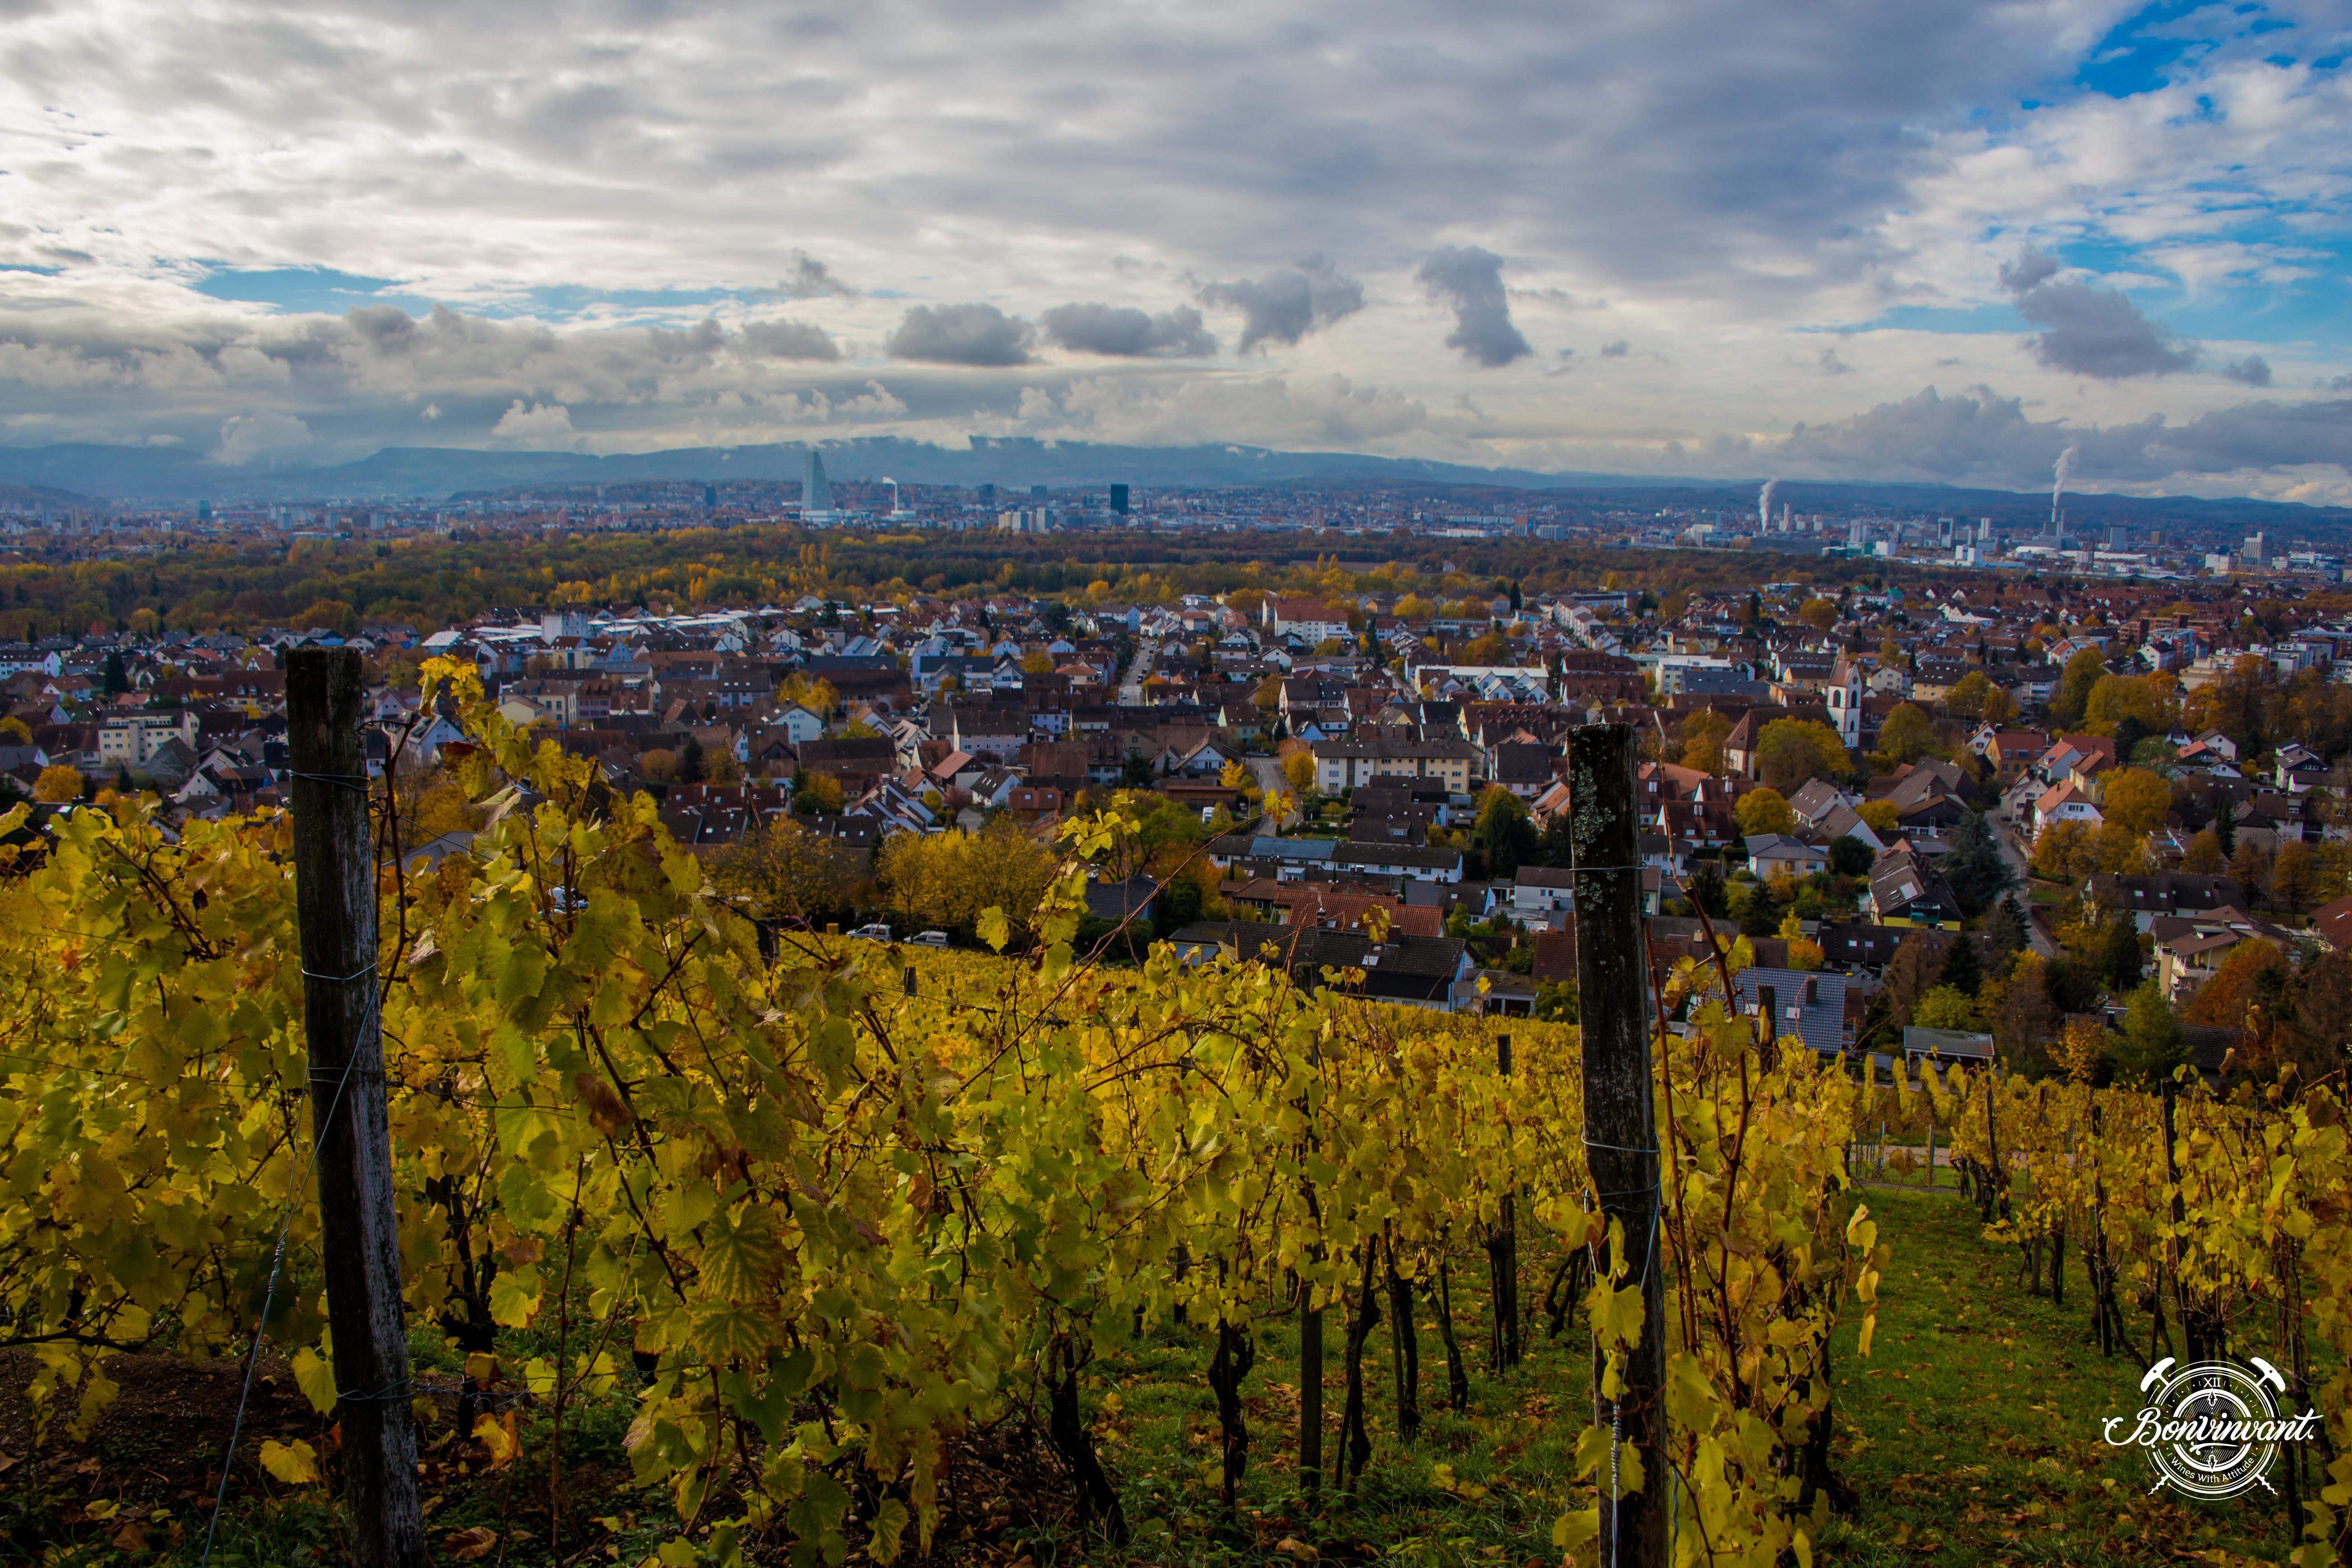 Weiler_Schlipf_08.11.2018_BVNT_web-13